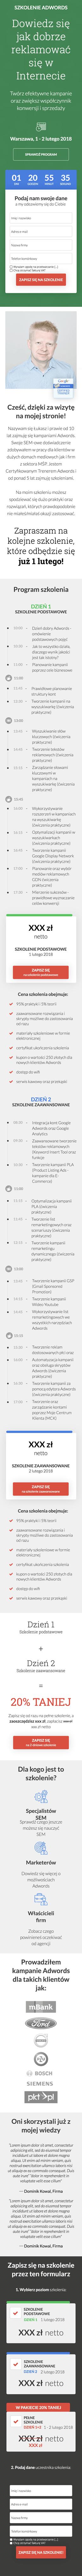 Łukasz Chwiszczuk – Szkolenie AdWords